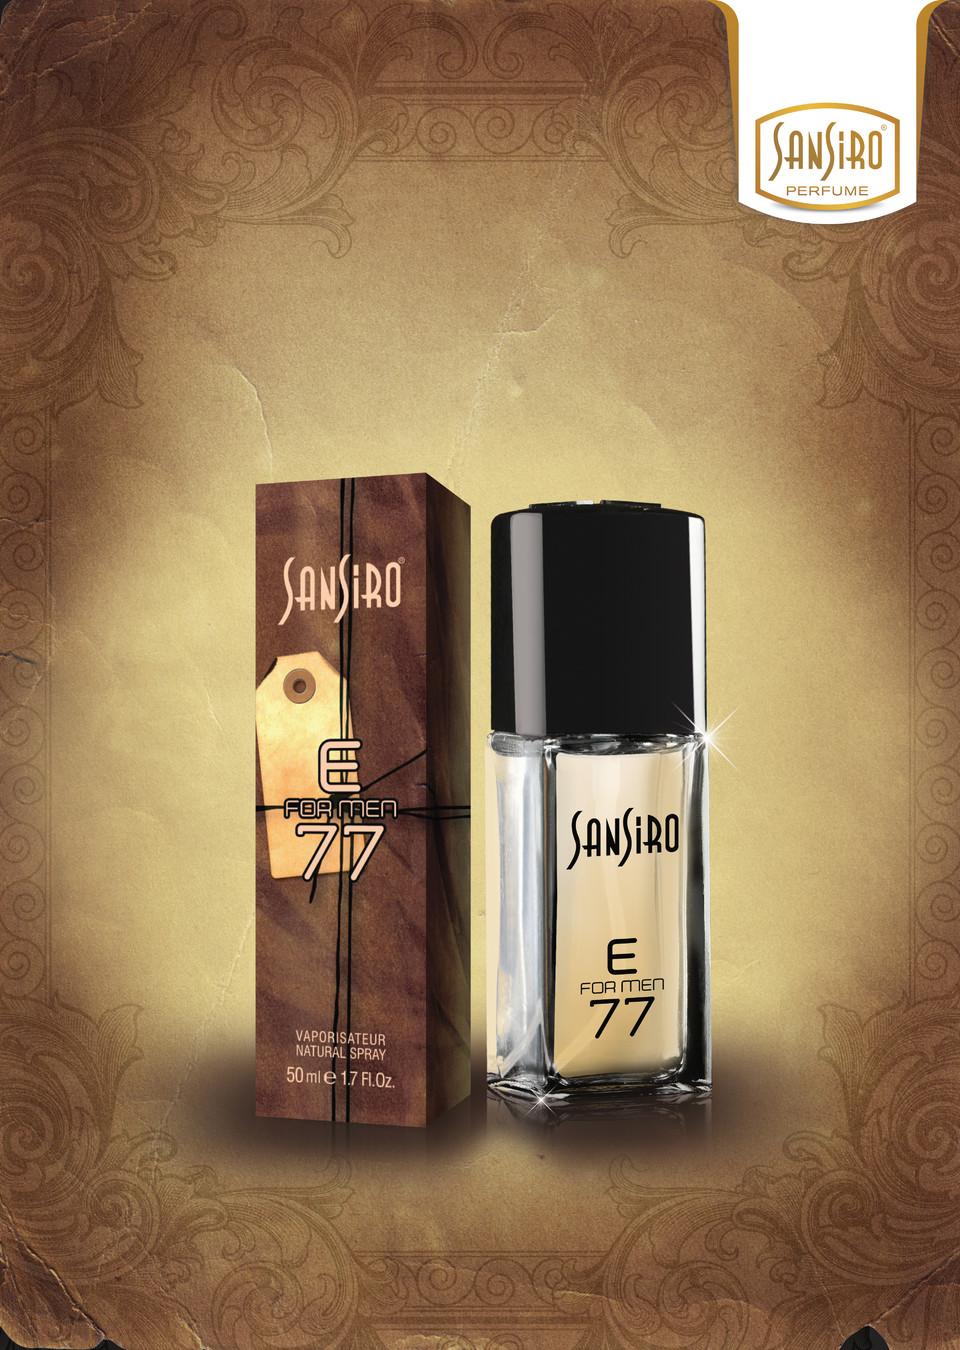 Sansiro Perfume - For Men - Vivamus (E77)